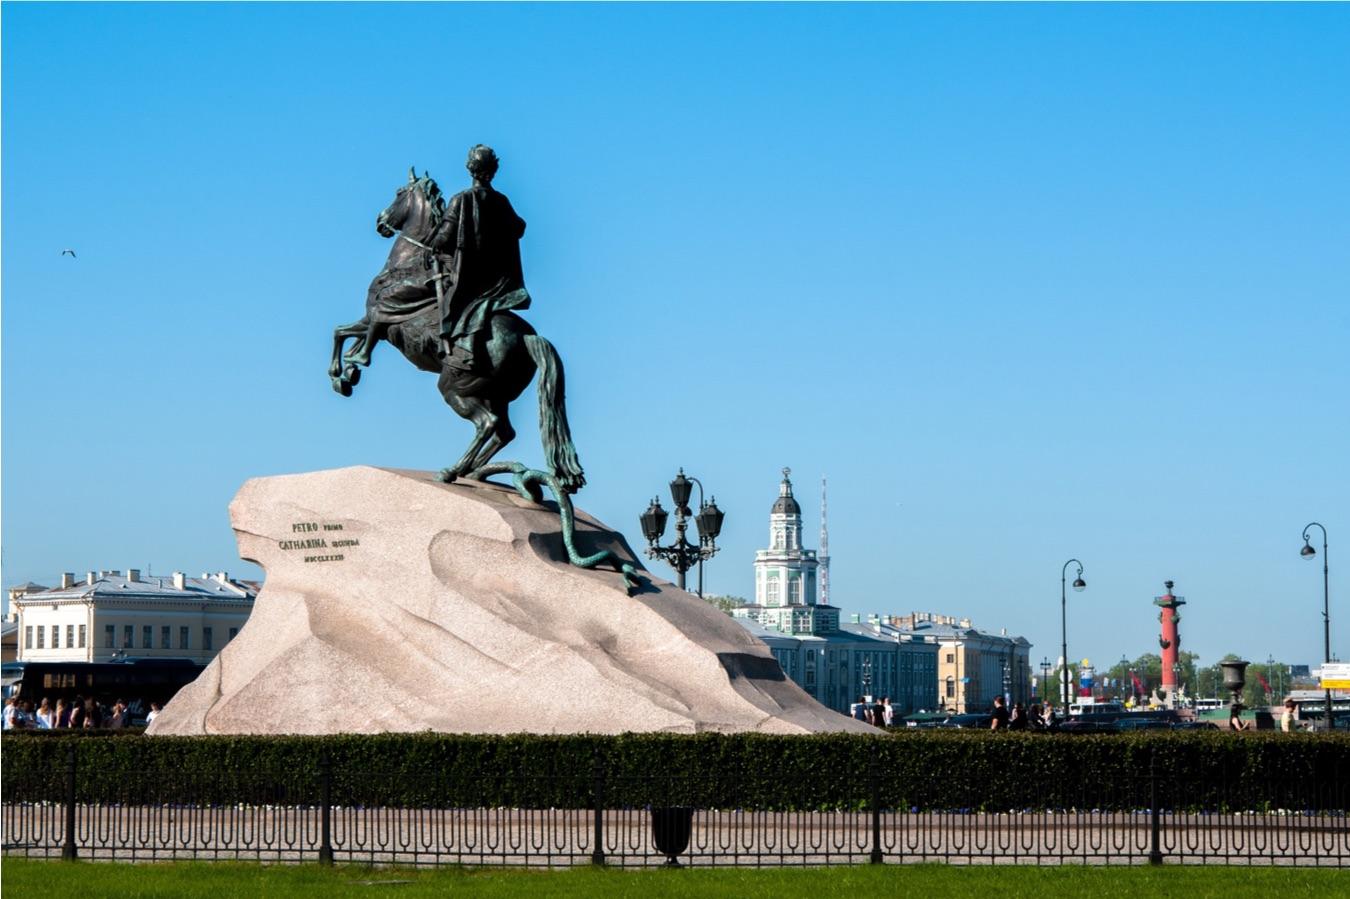 2022年 5/27 北歐豪華遊輪之旅12日 6/2 俄羅斯聖彼得堡 St. Petersburg, Russia